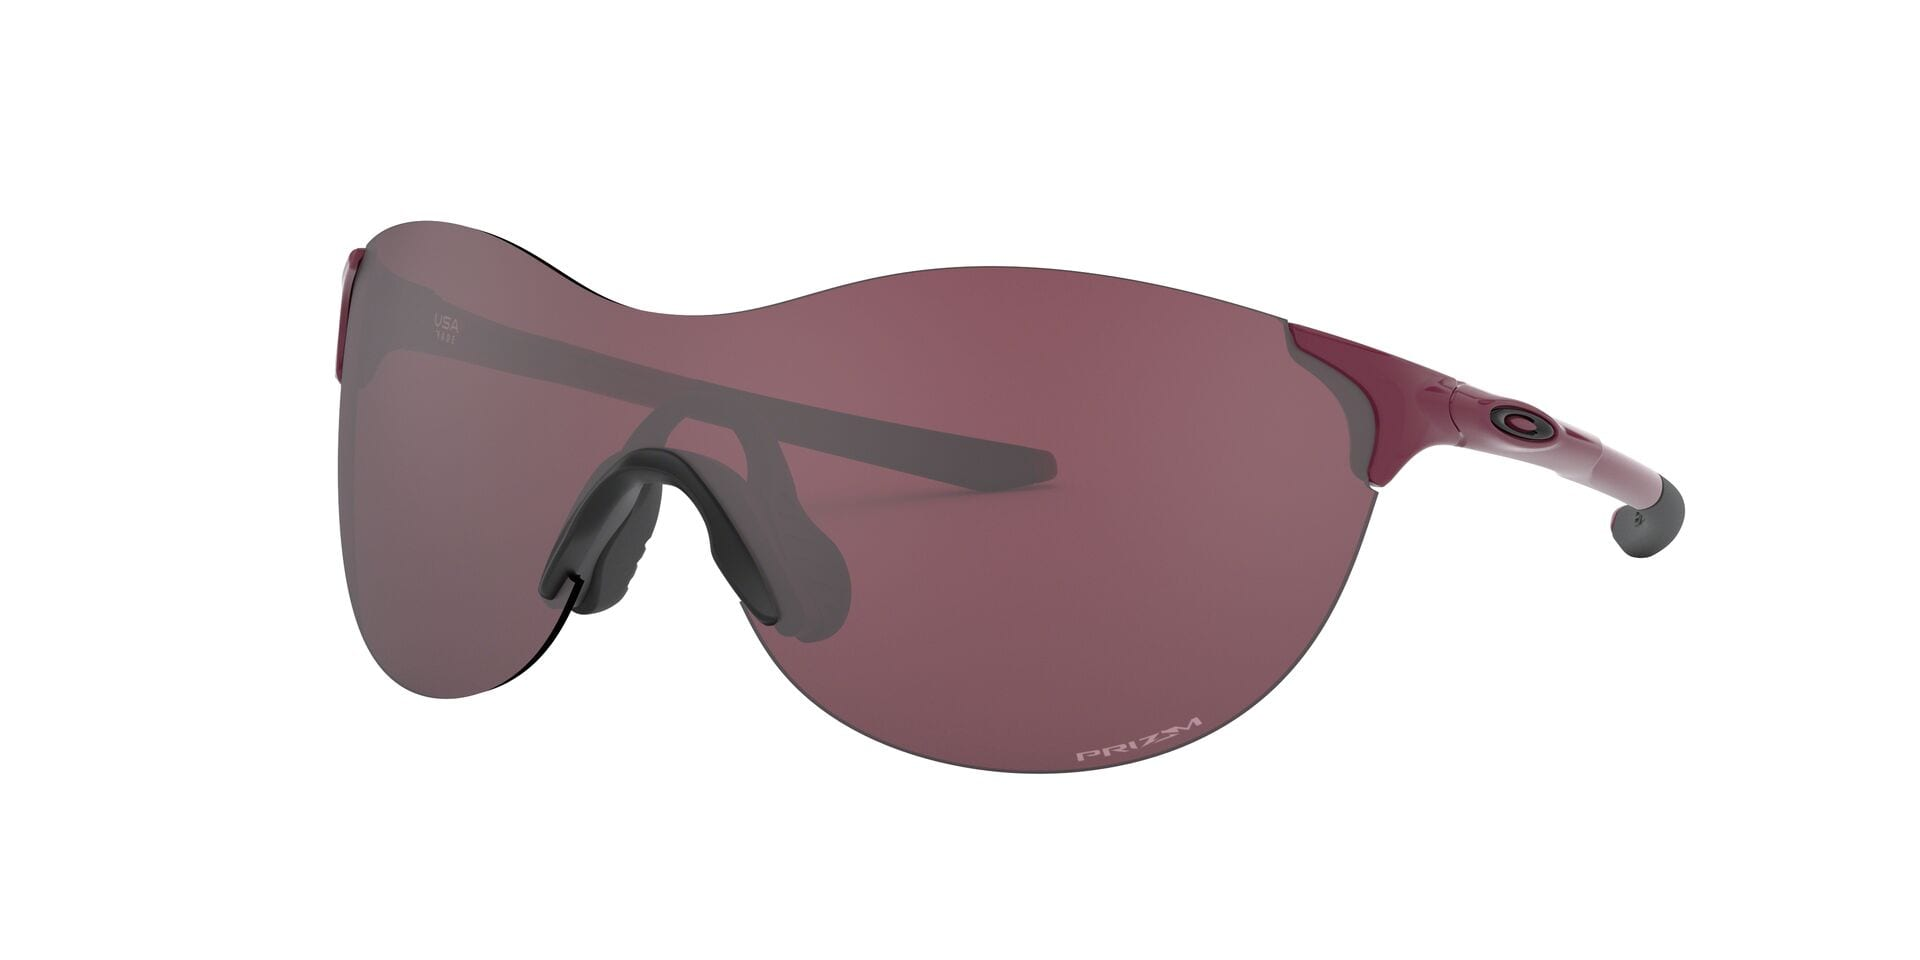 c6b7e3254a3b Oakley Evzero Ascend Women s Sunglasses - ADS Lifestyle